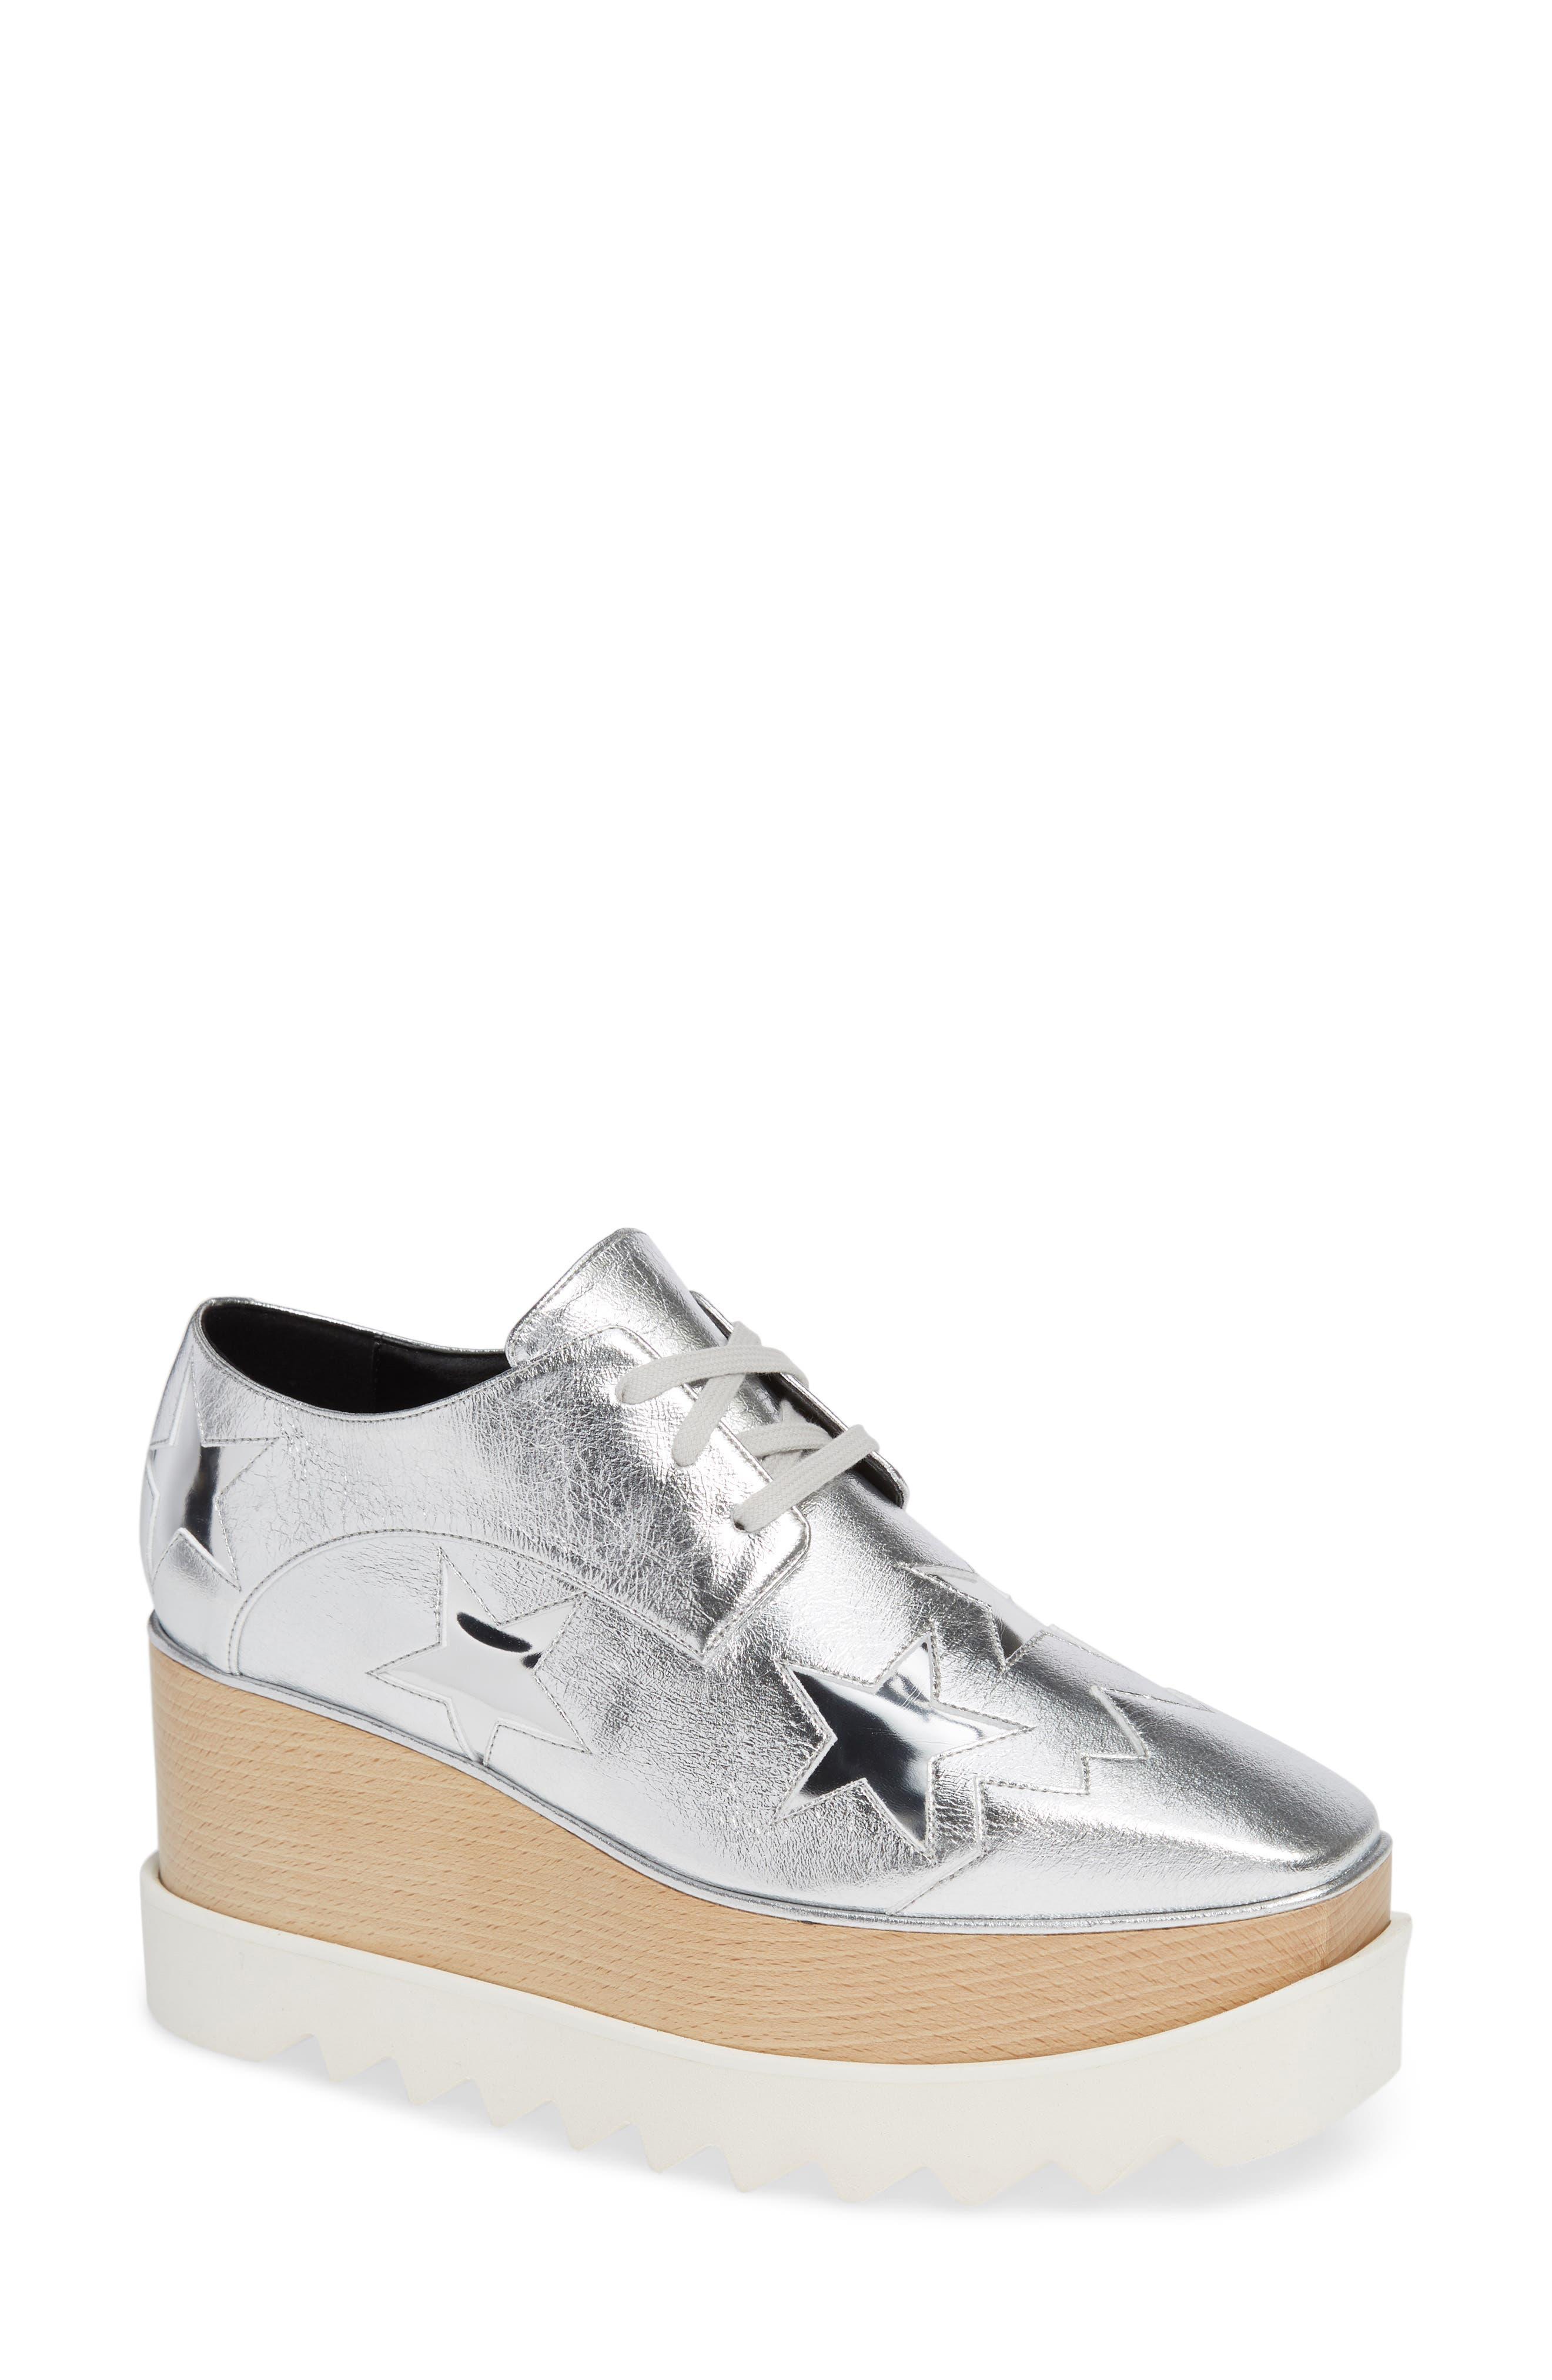 Stella Mccartney Elyse Platform Wedge Shoe, Metallic